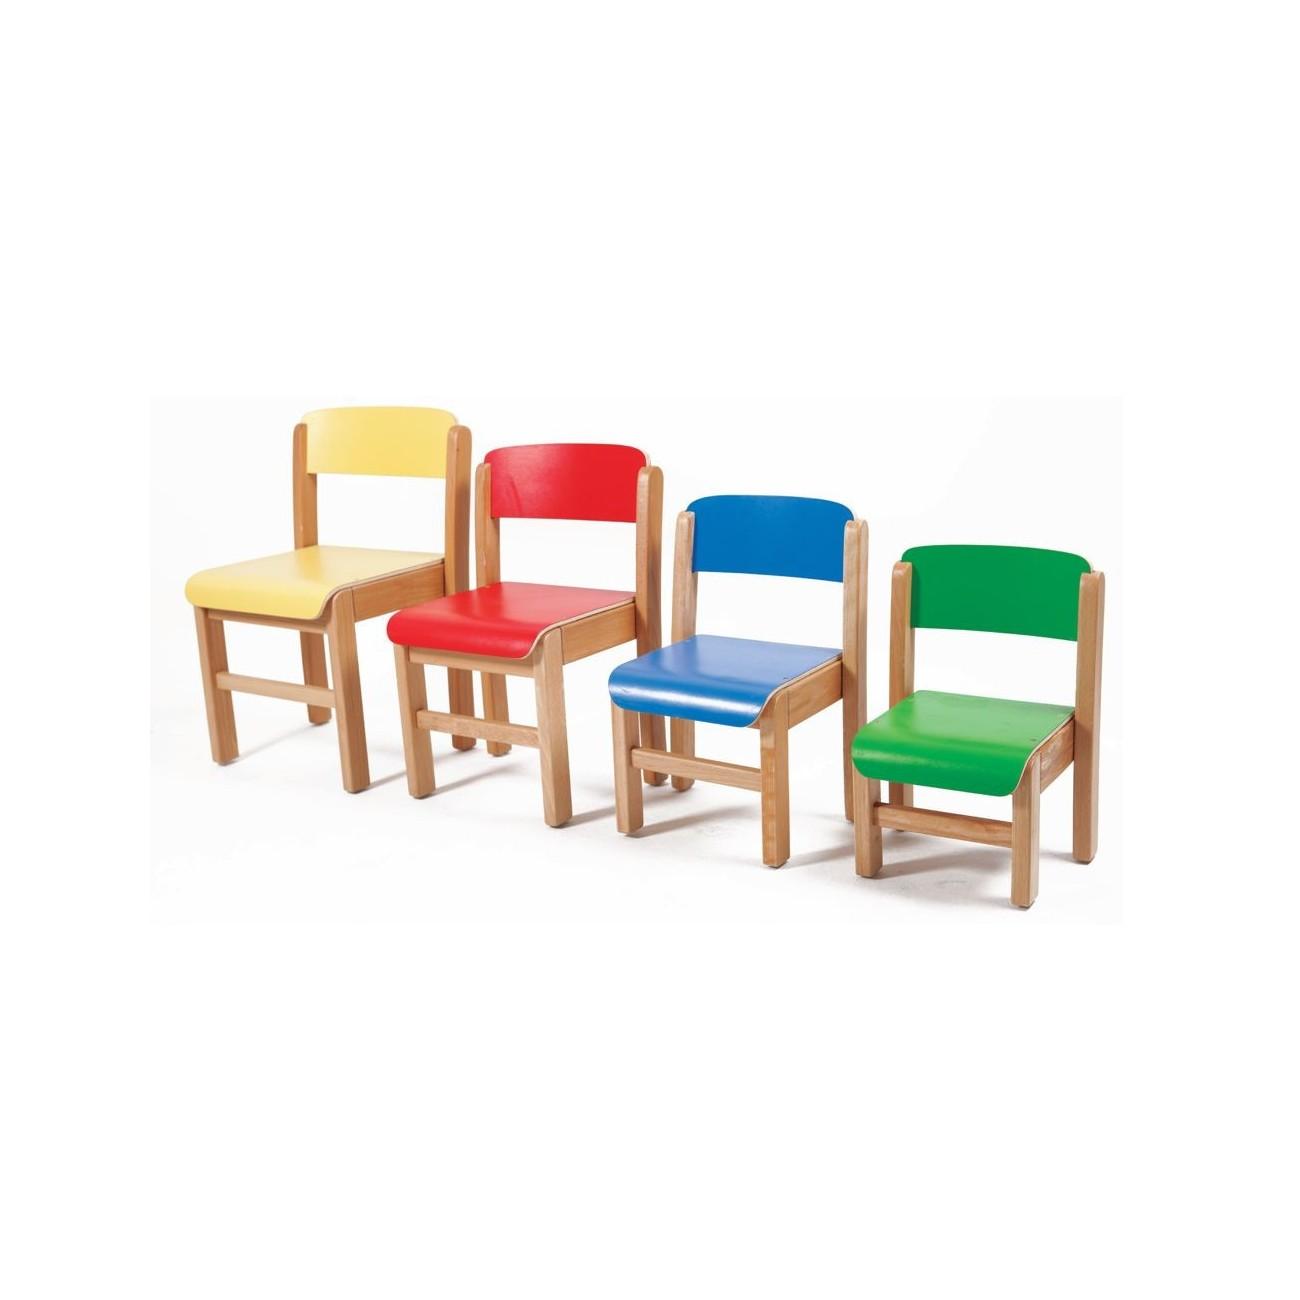 Mesa de madera modelo 1 cuadrada - Mesas y sillas de madera ...